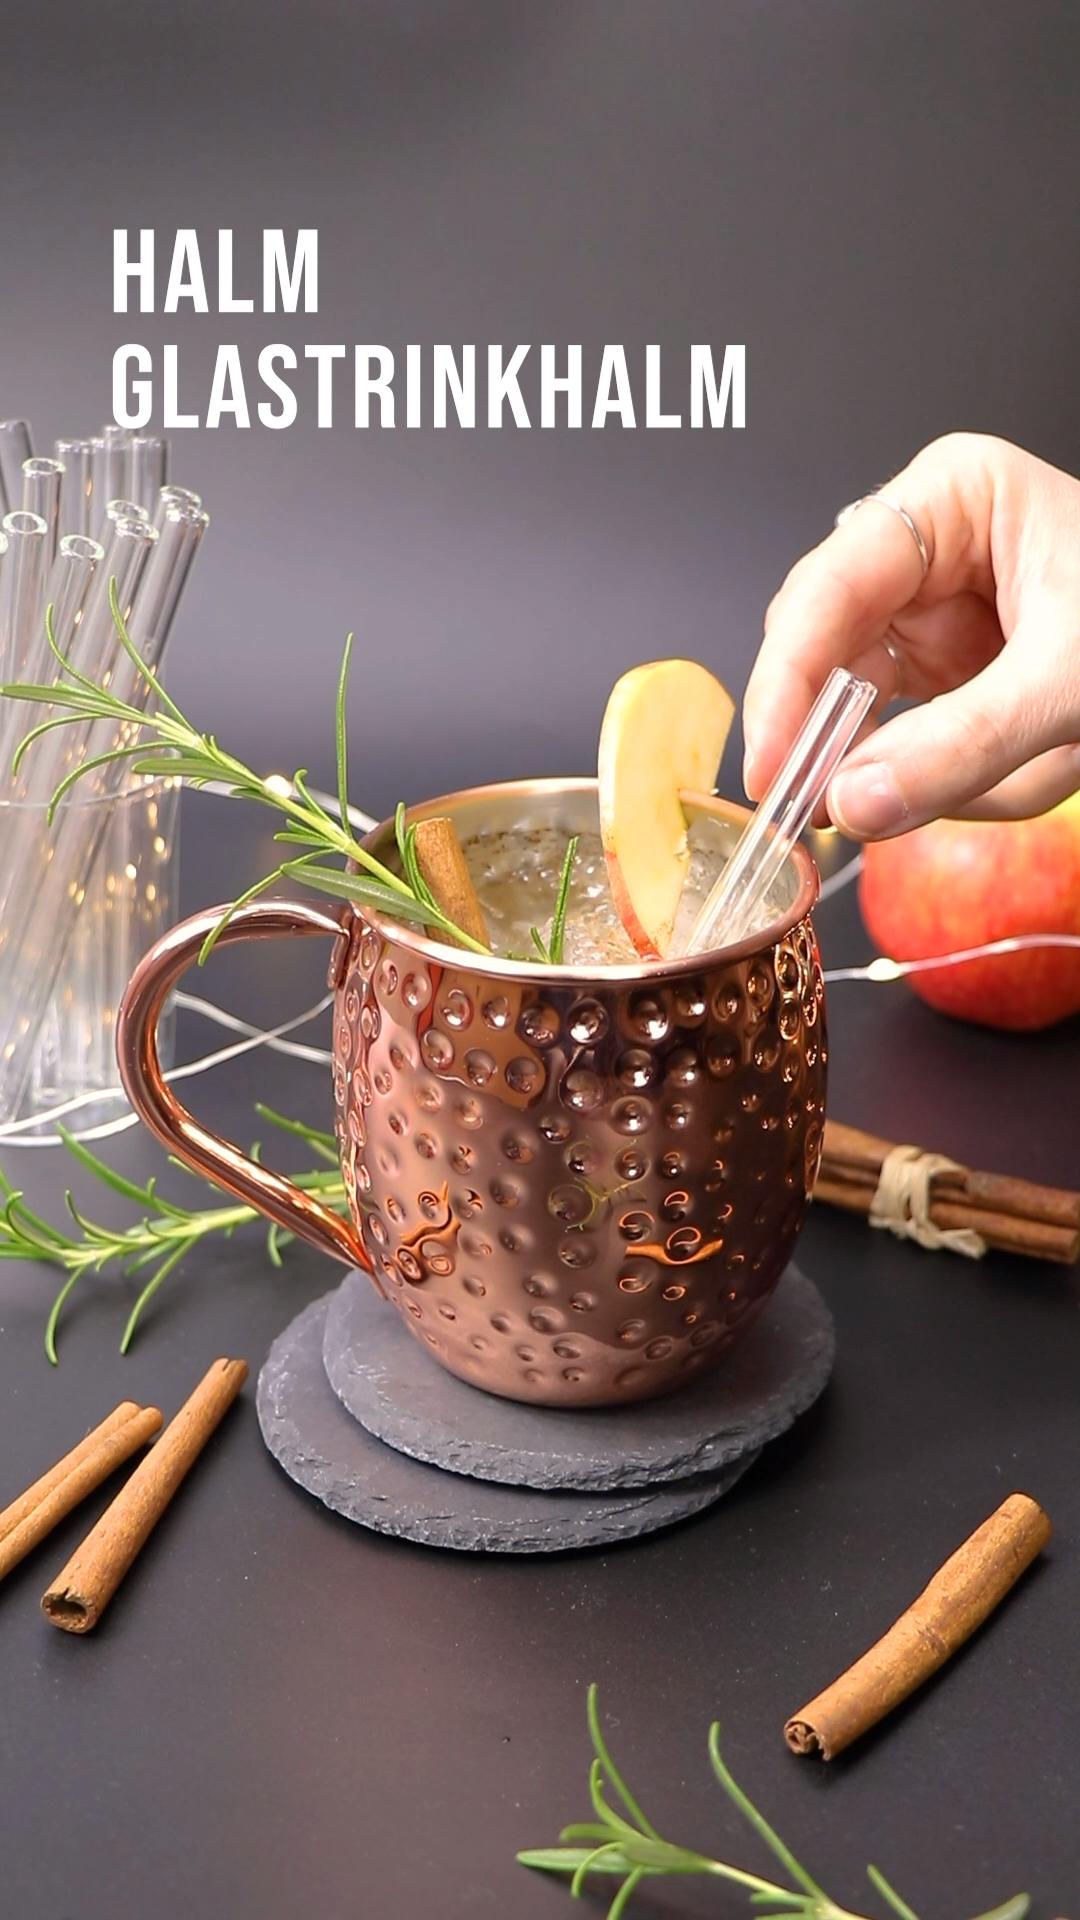 Lecker durch die Weihnachtszeit mit einem festlichen Moscow Mule und HALM Glastrinkhalmen. Dafür braucht ihr: —— 🌿 Eiswürfel 🌿 4cl Cider (oder Apfelsaft) 🌿 4cl Wodka 🌿 1/4 TL Zimt 🌿 Ginger Beer (oder Ginger Ale) 🌿 Rosmarin, Zimtstange und Apfelscheibe zur Deko —— Eiswürfel in Becher füllen, 4cl Cider und 4cl Wodka dazugeben. Anschließend 1/4 TL Zimt hinzufügen und umrühren. Becher mit Ginger Beer auffüllen und nun dekorieren! HALM Trinkhalm dazu und schmecken lassen! 🍎🎄